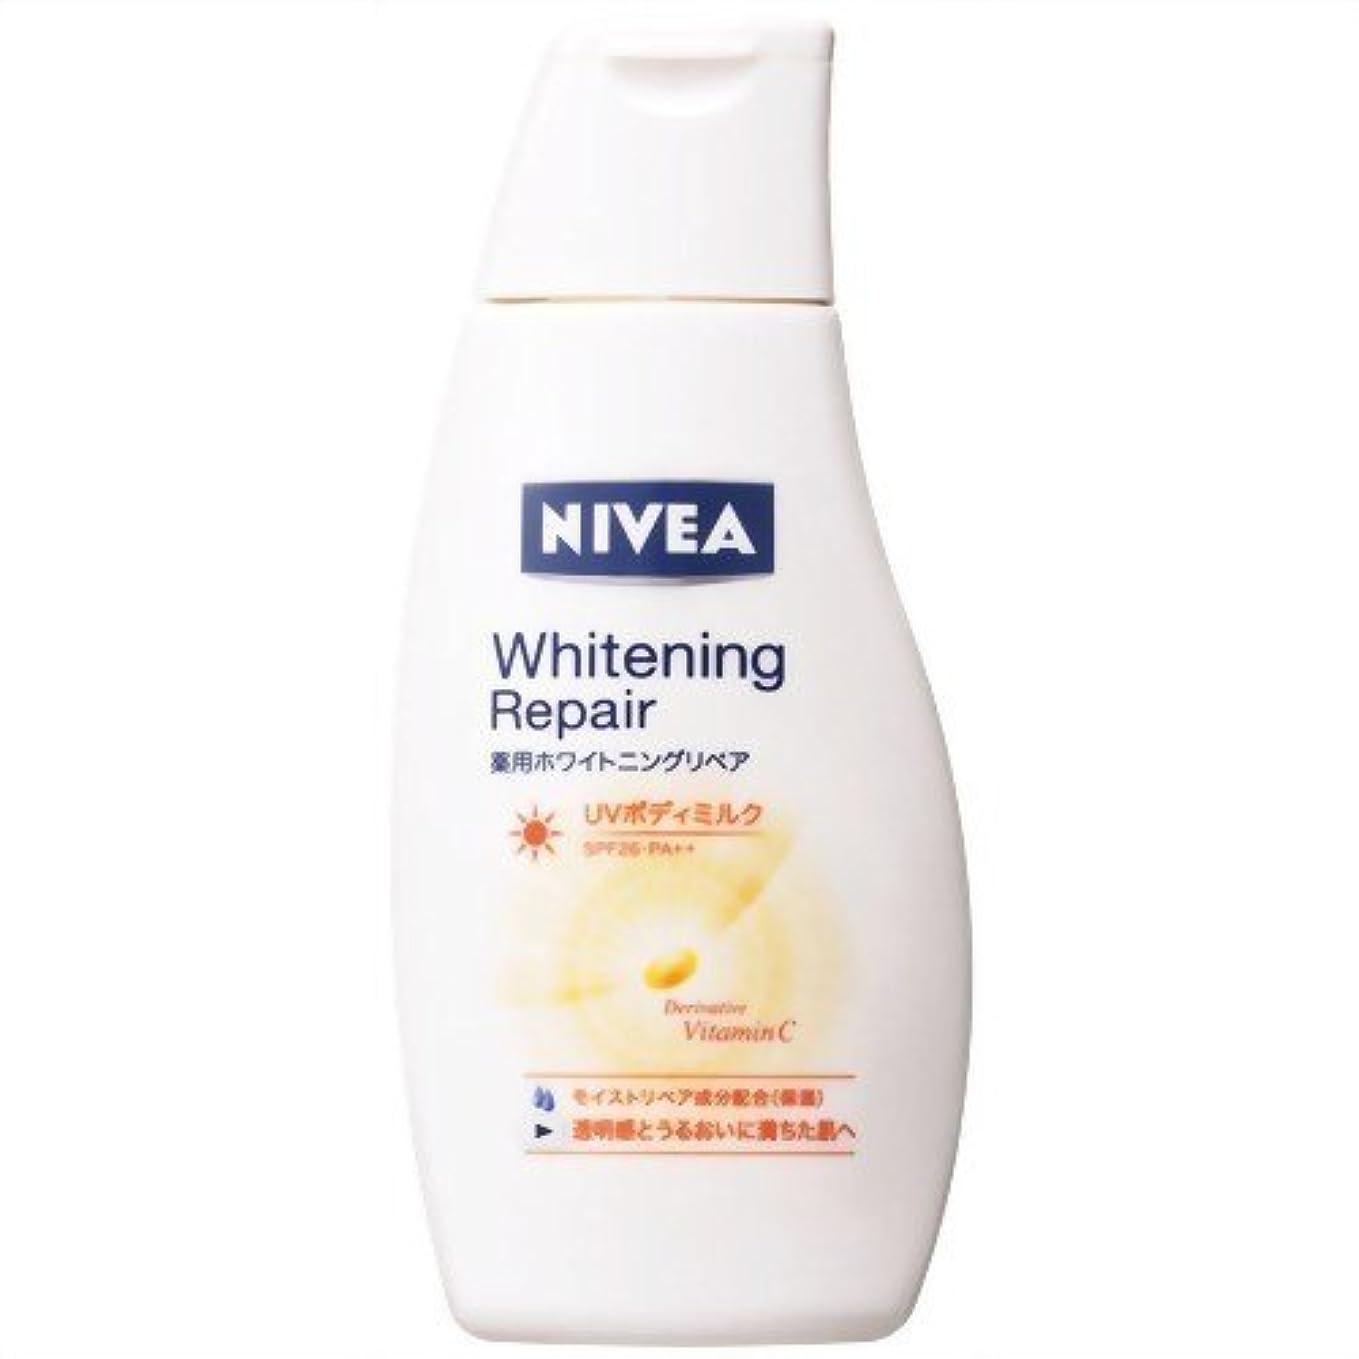 る偽物親ニベア 薬用ホワイトニングリペア UVボディミルク(150mL)